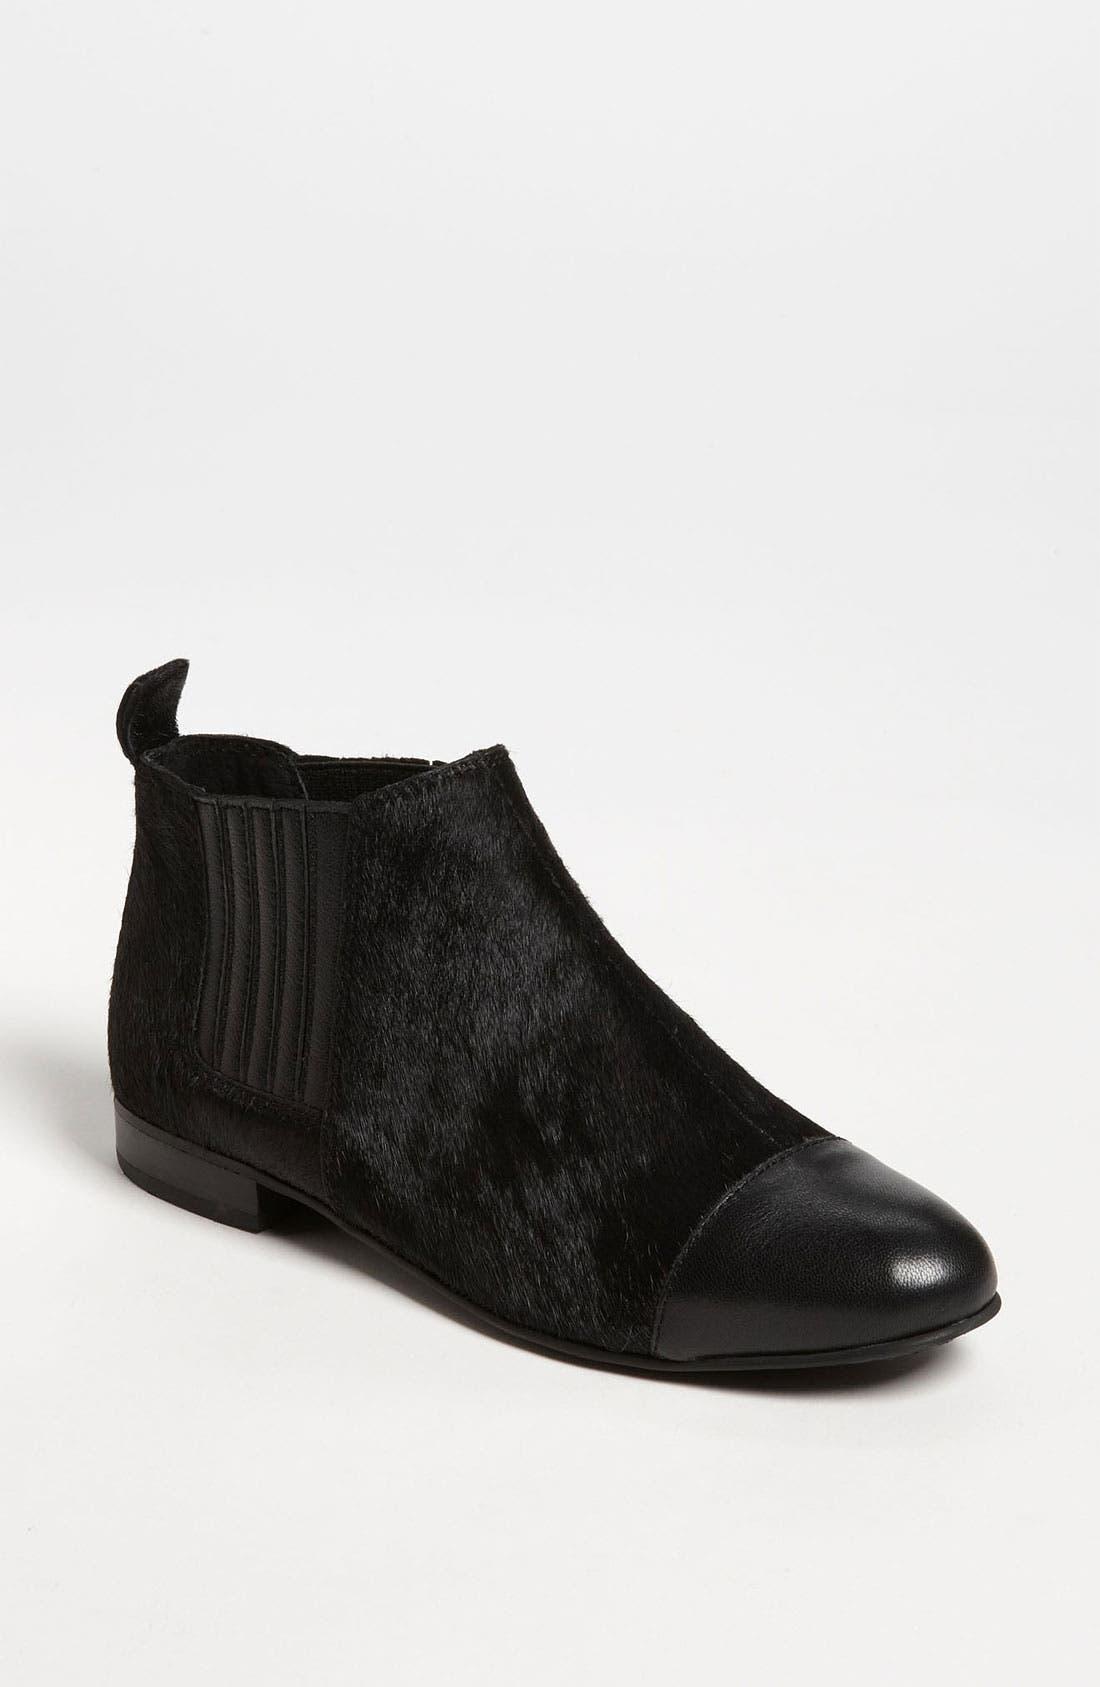 Alternate Image 1 Selected - Matiko 'Jasper' Boot